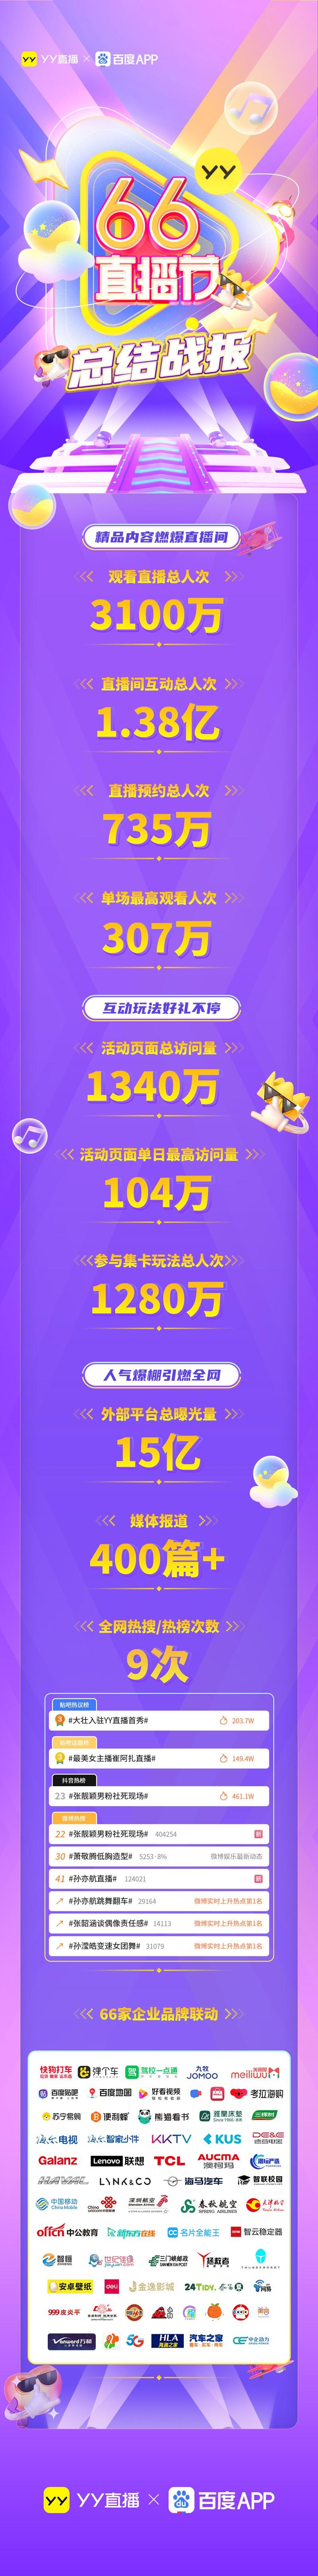 YY66直播节圆满落幕 总观看量超3100万